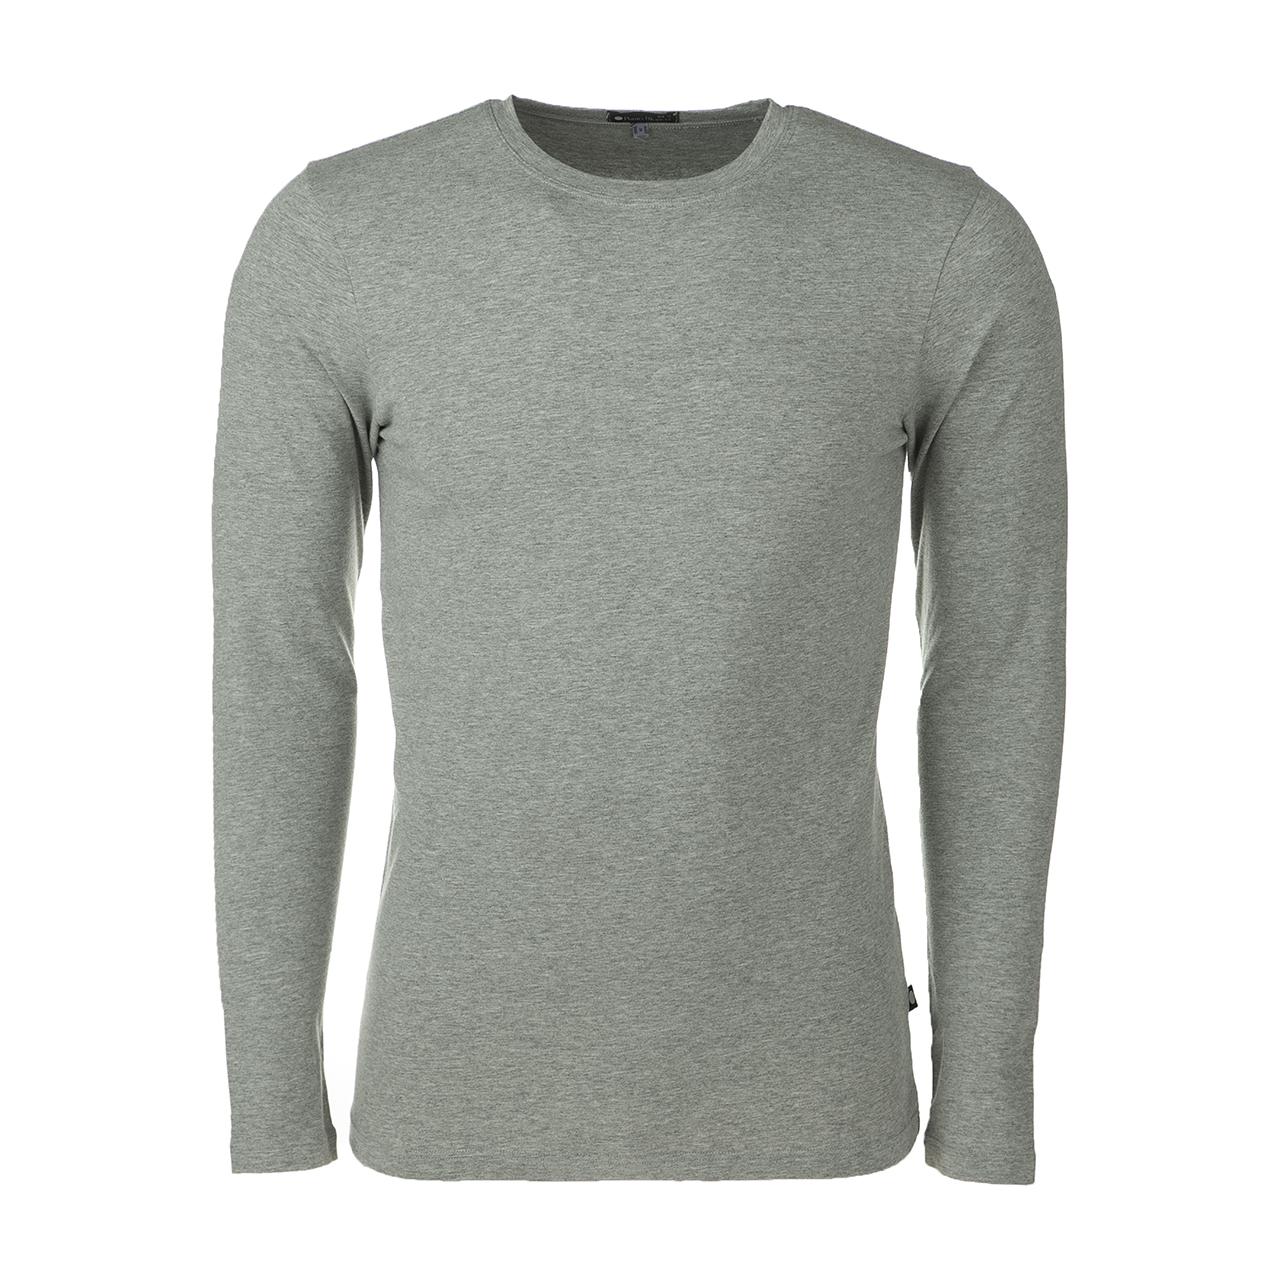 تی شرت مردانه پونتو بلانکو کد 654-20-53385